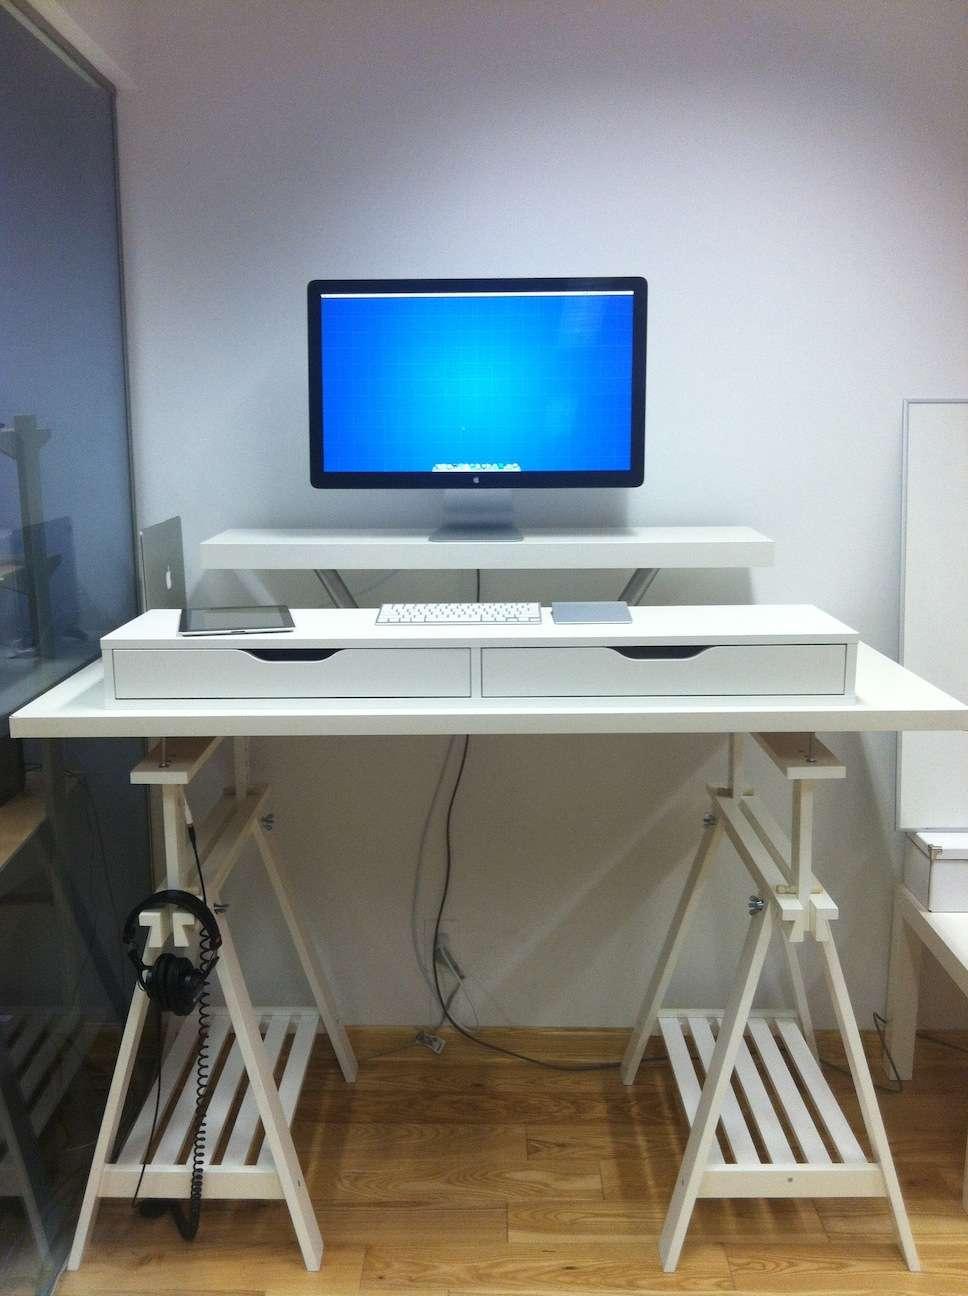 Fabriquer Un Bureau De Travail 4 astuces pour se fabriquer un bureau-debout à moindre coût